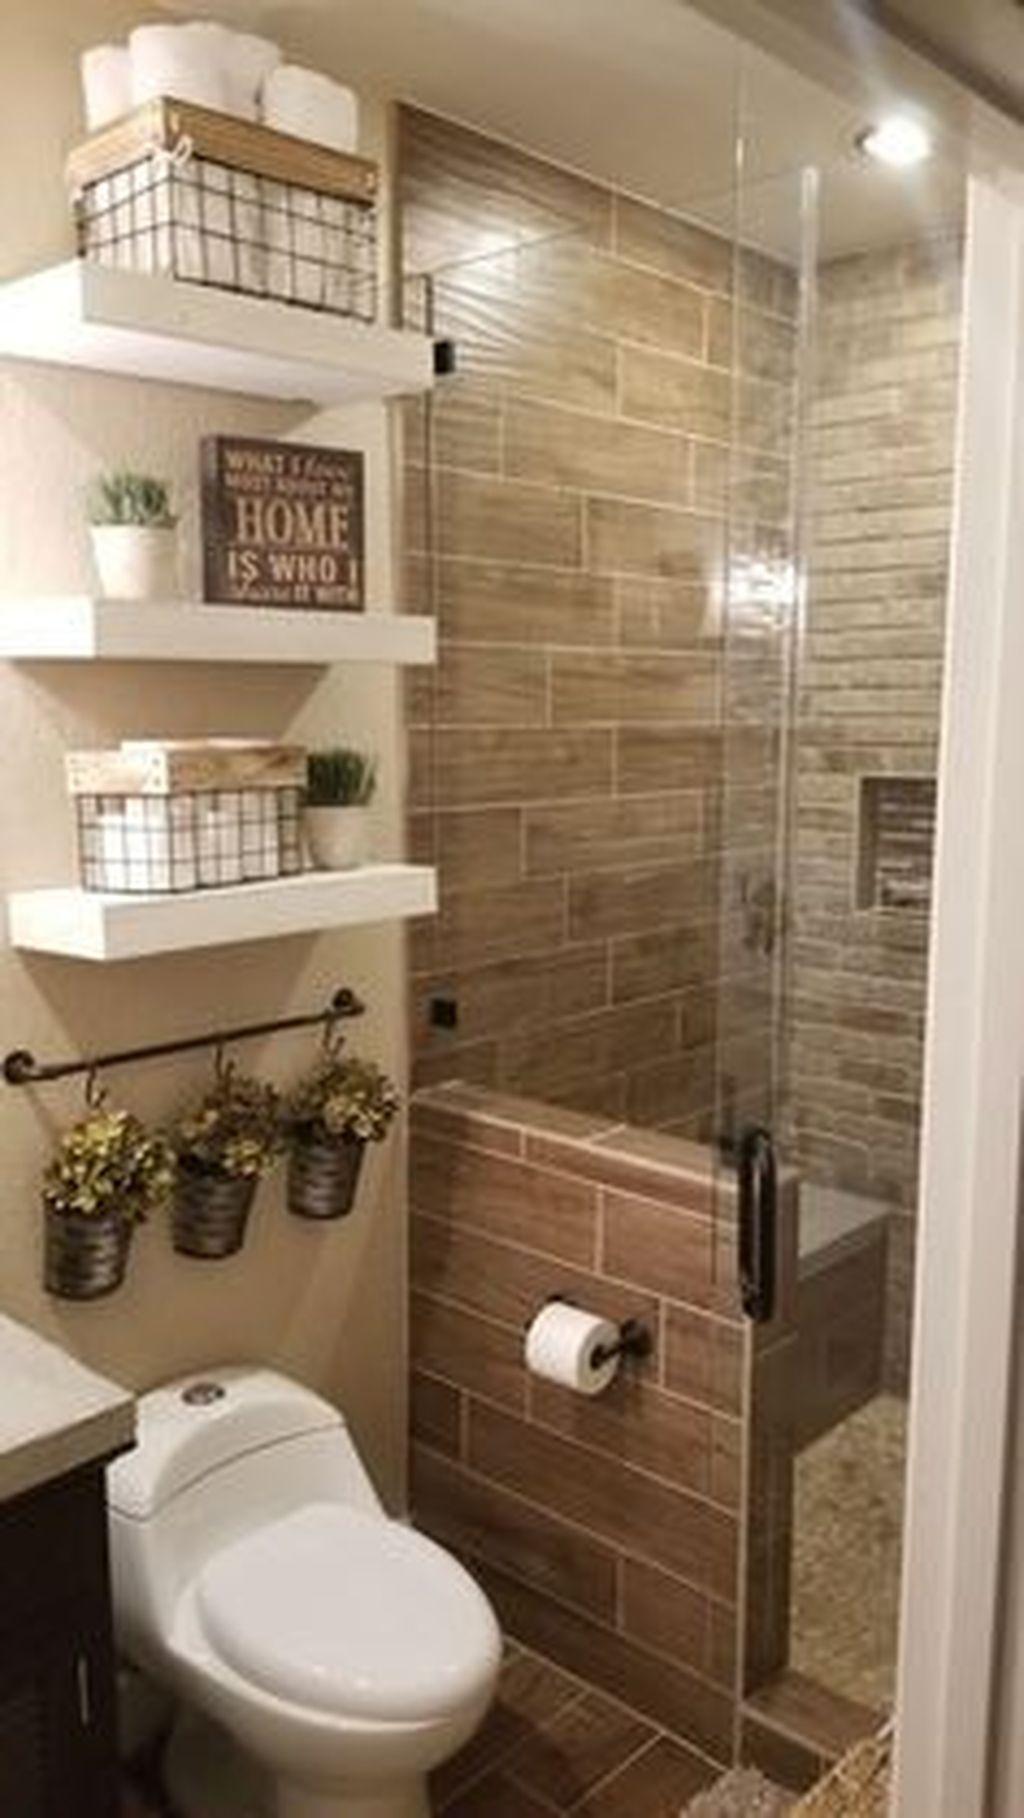 30 Brilliant Bathroom Design Ideas For Small Space In 2020 Bathroom Design Small Bathroom Bathrooms Remodel